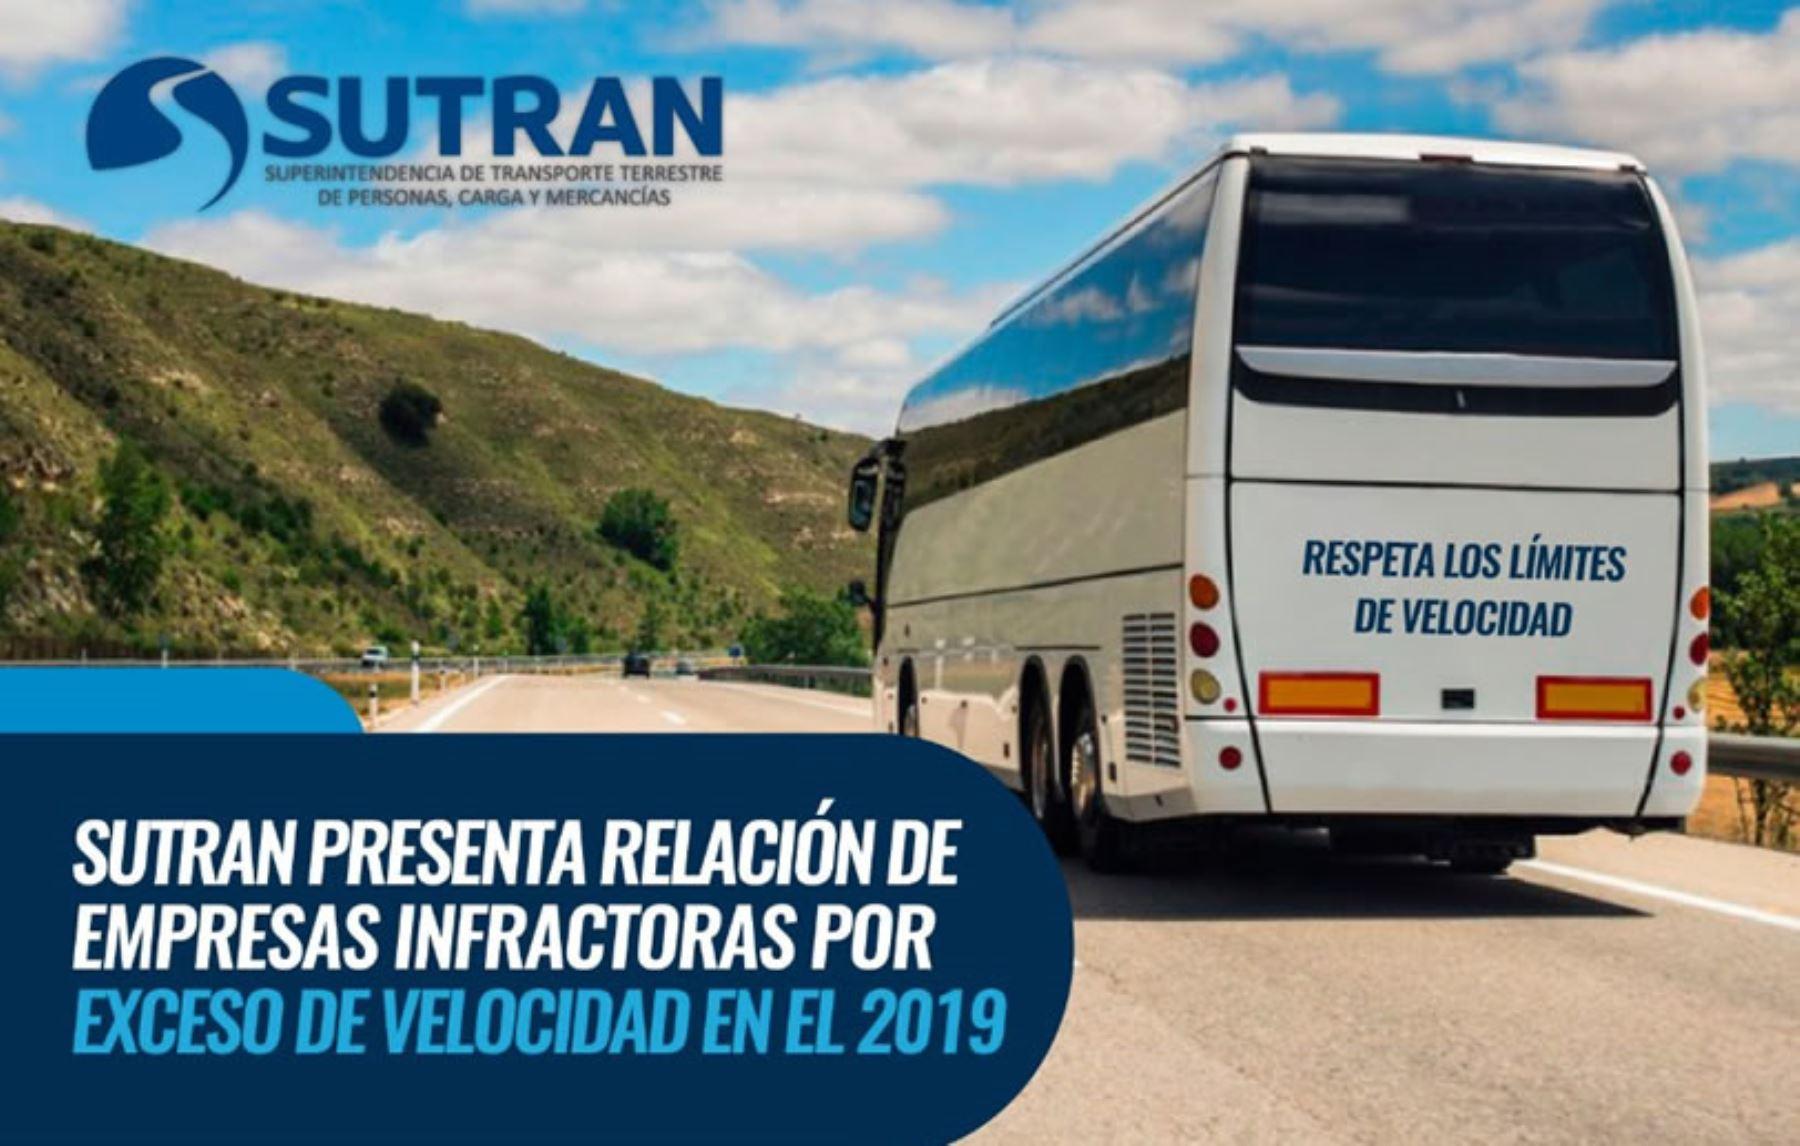 Sutran presenta relación de Empresas infractoras por exceso de velocidad en el 2019